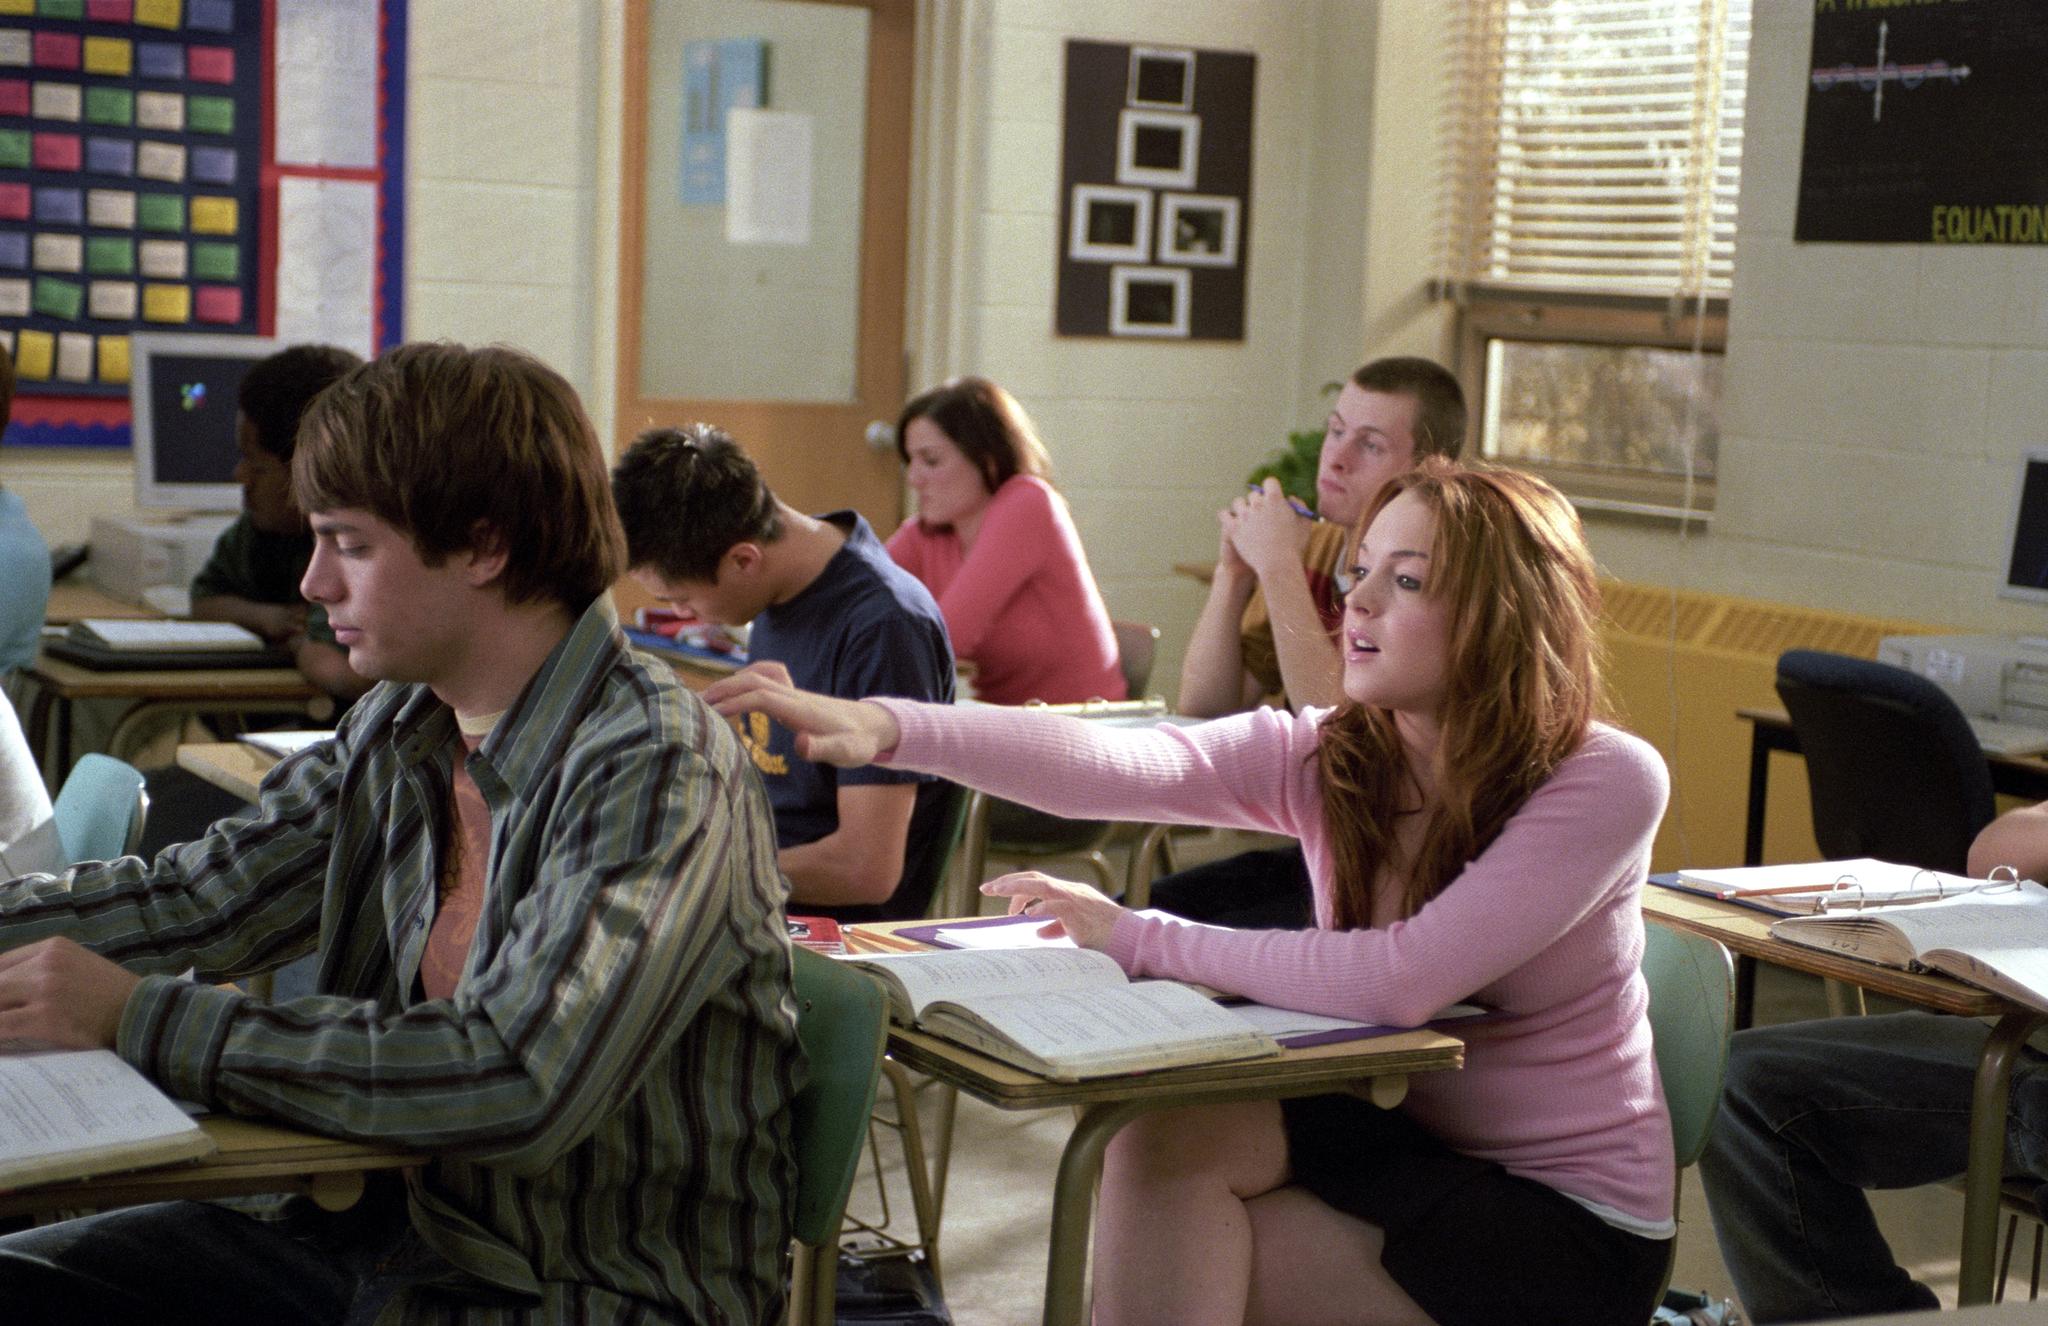 Lindsay Lohan and Jonathan Bennett in Mean Girls (2004)